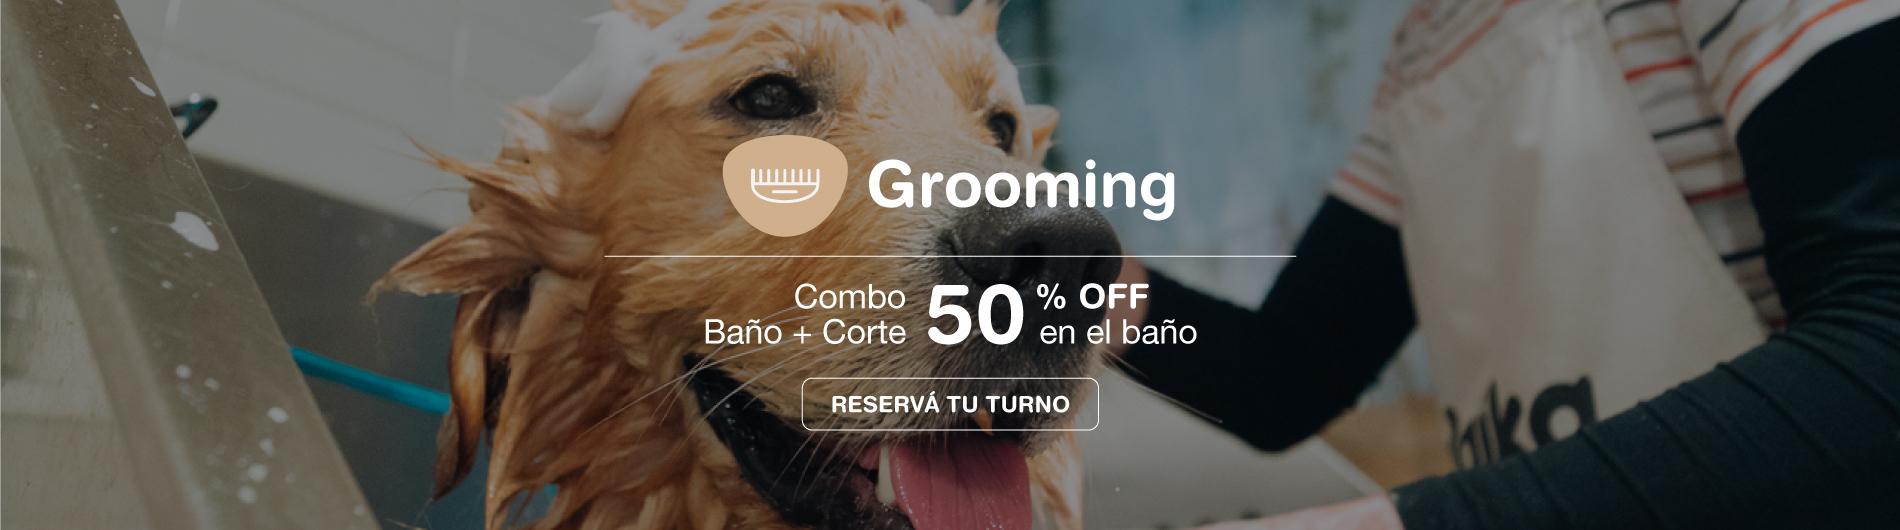 54933cae6a95 Tienda de mascotas - Laika - Laika.com.uy